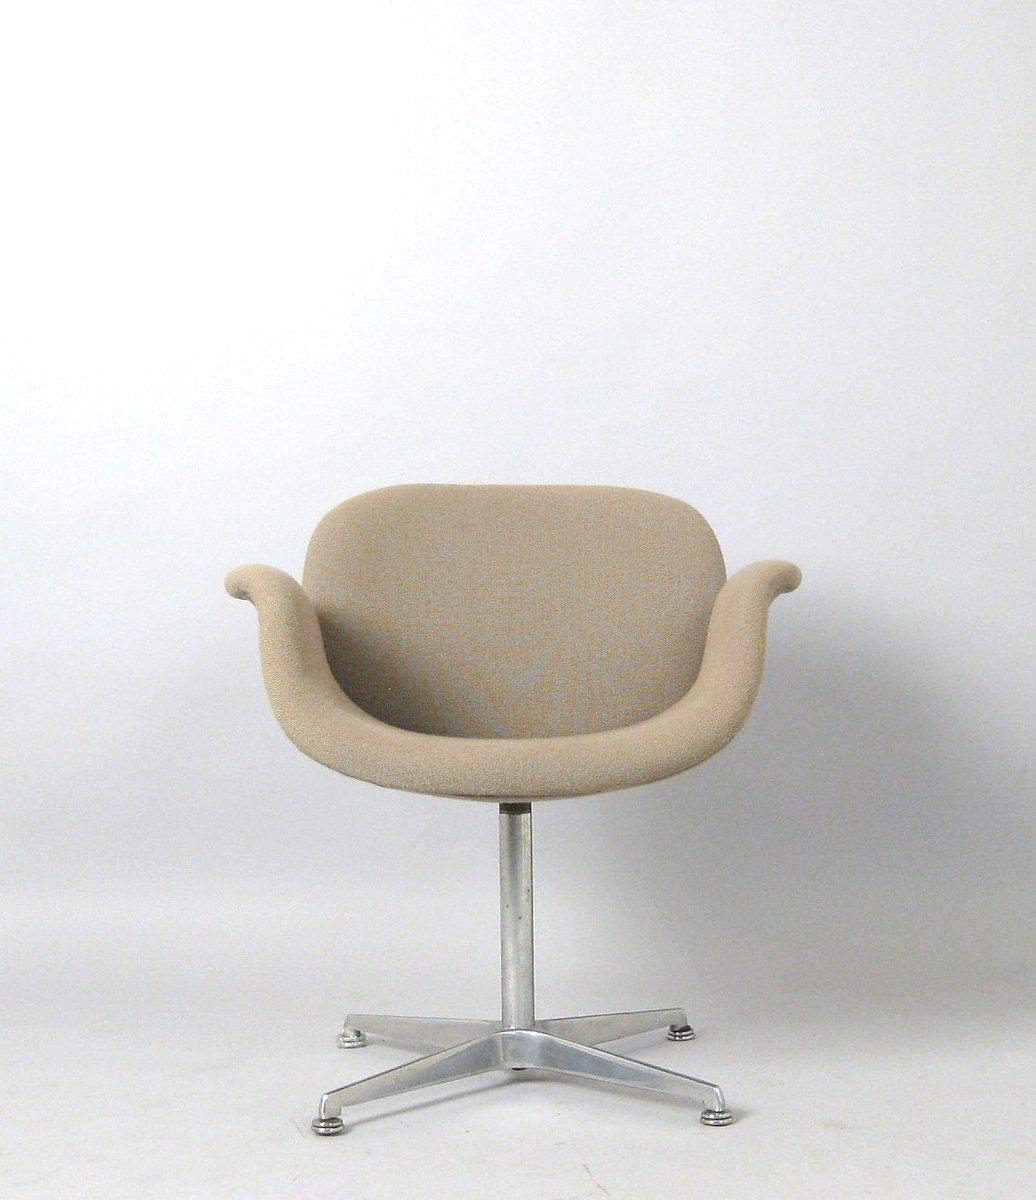 chaise little tulip f163 par pierre paulin pour artifort 1963 en vente sur pamono. Black Bedroom Furniture Sets. Home Design Ideas